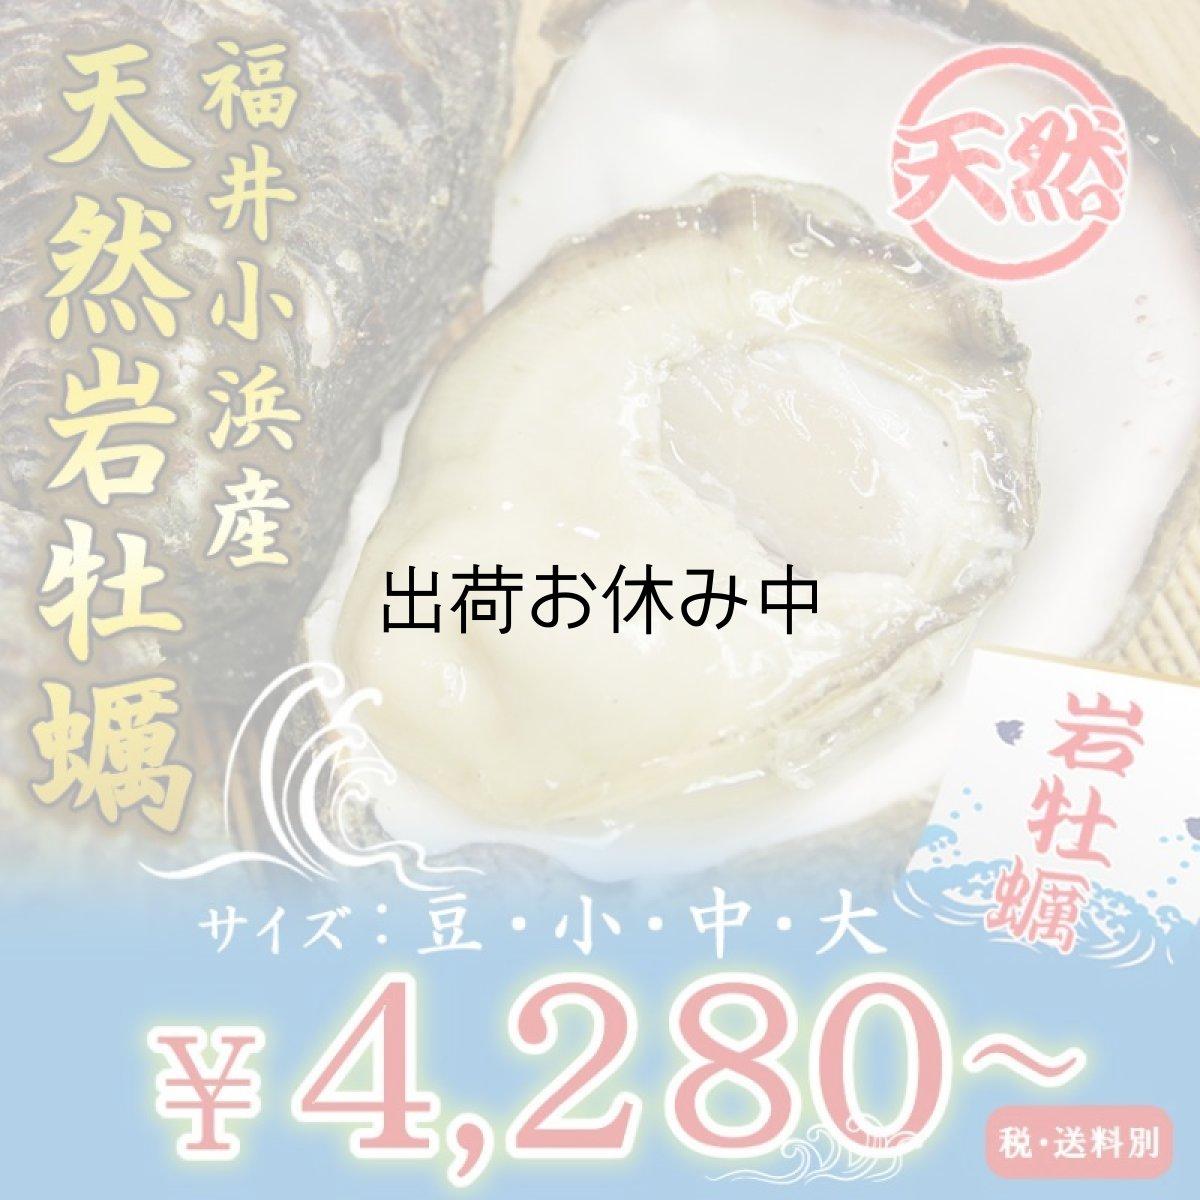 画像1: 福井小浜産 天然岩牡蠣 (1)